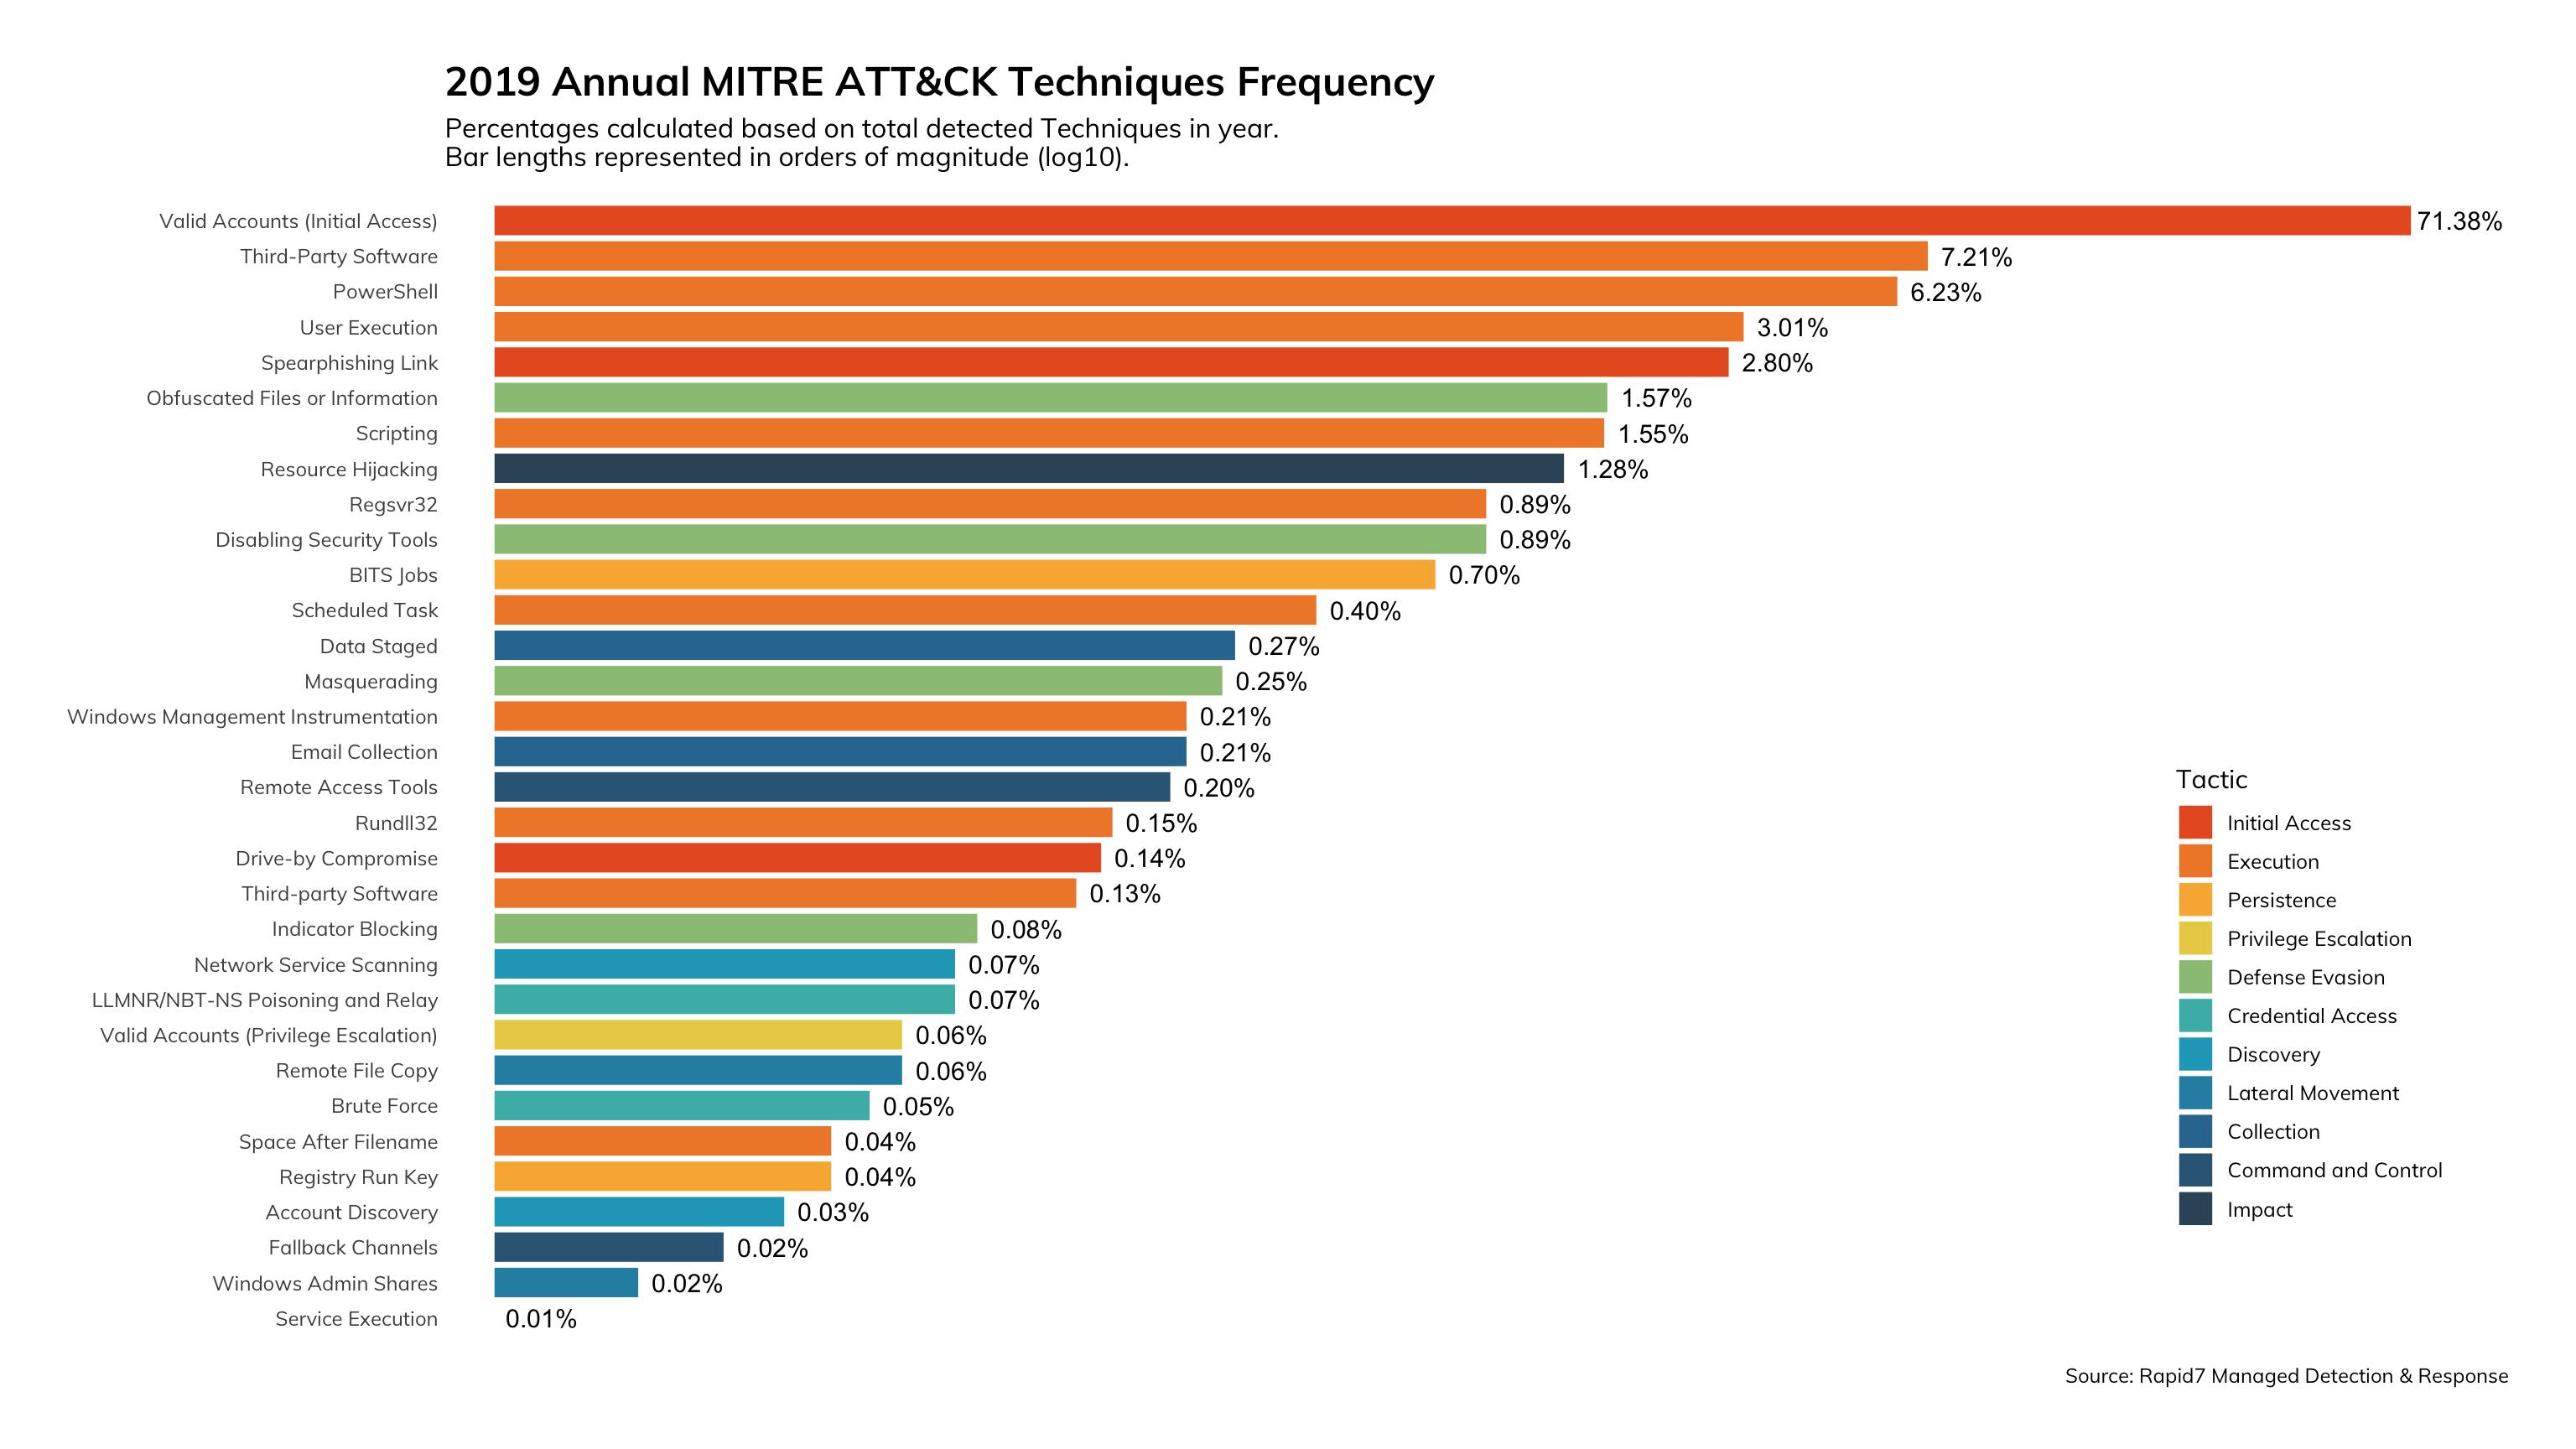 図12: 2019年のMITRE ATT&CKテクニック(頻度別)